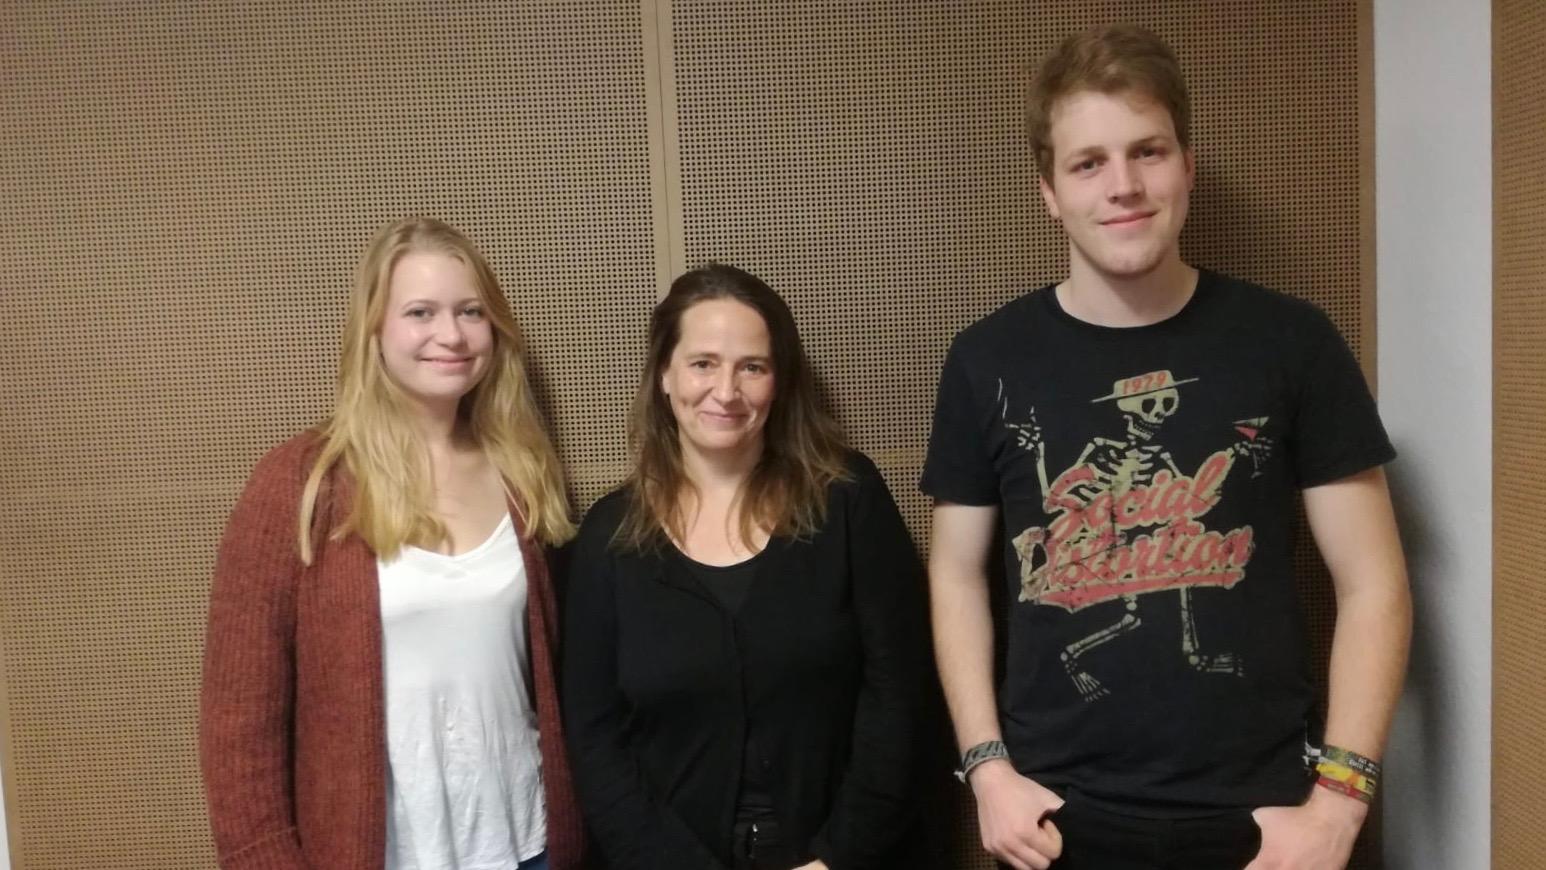 west off 2018: Dramaturgin Svenja Pauka über ihre Arbeit beim Theaternetzwerk